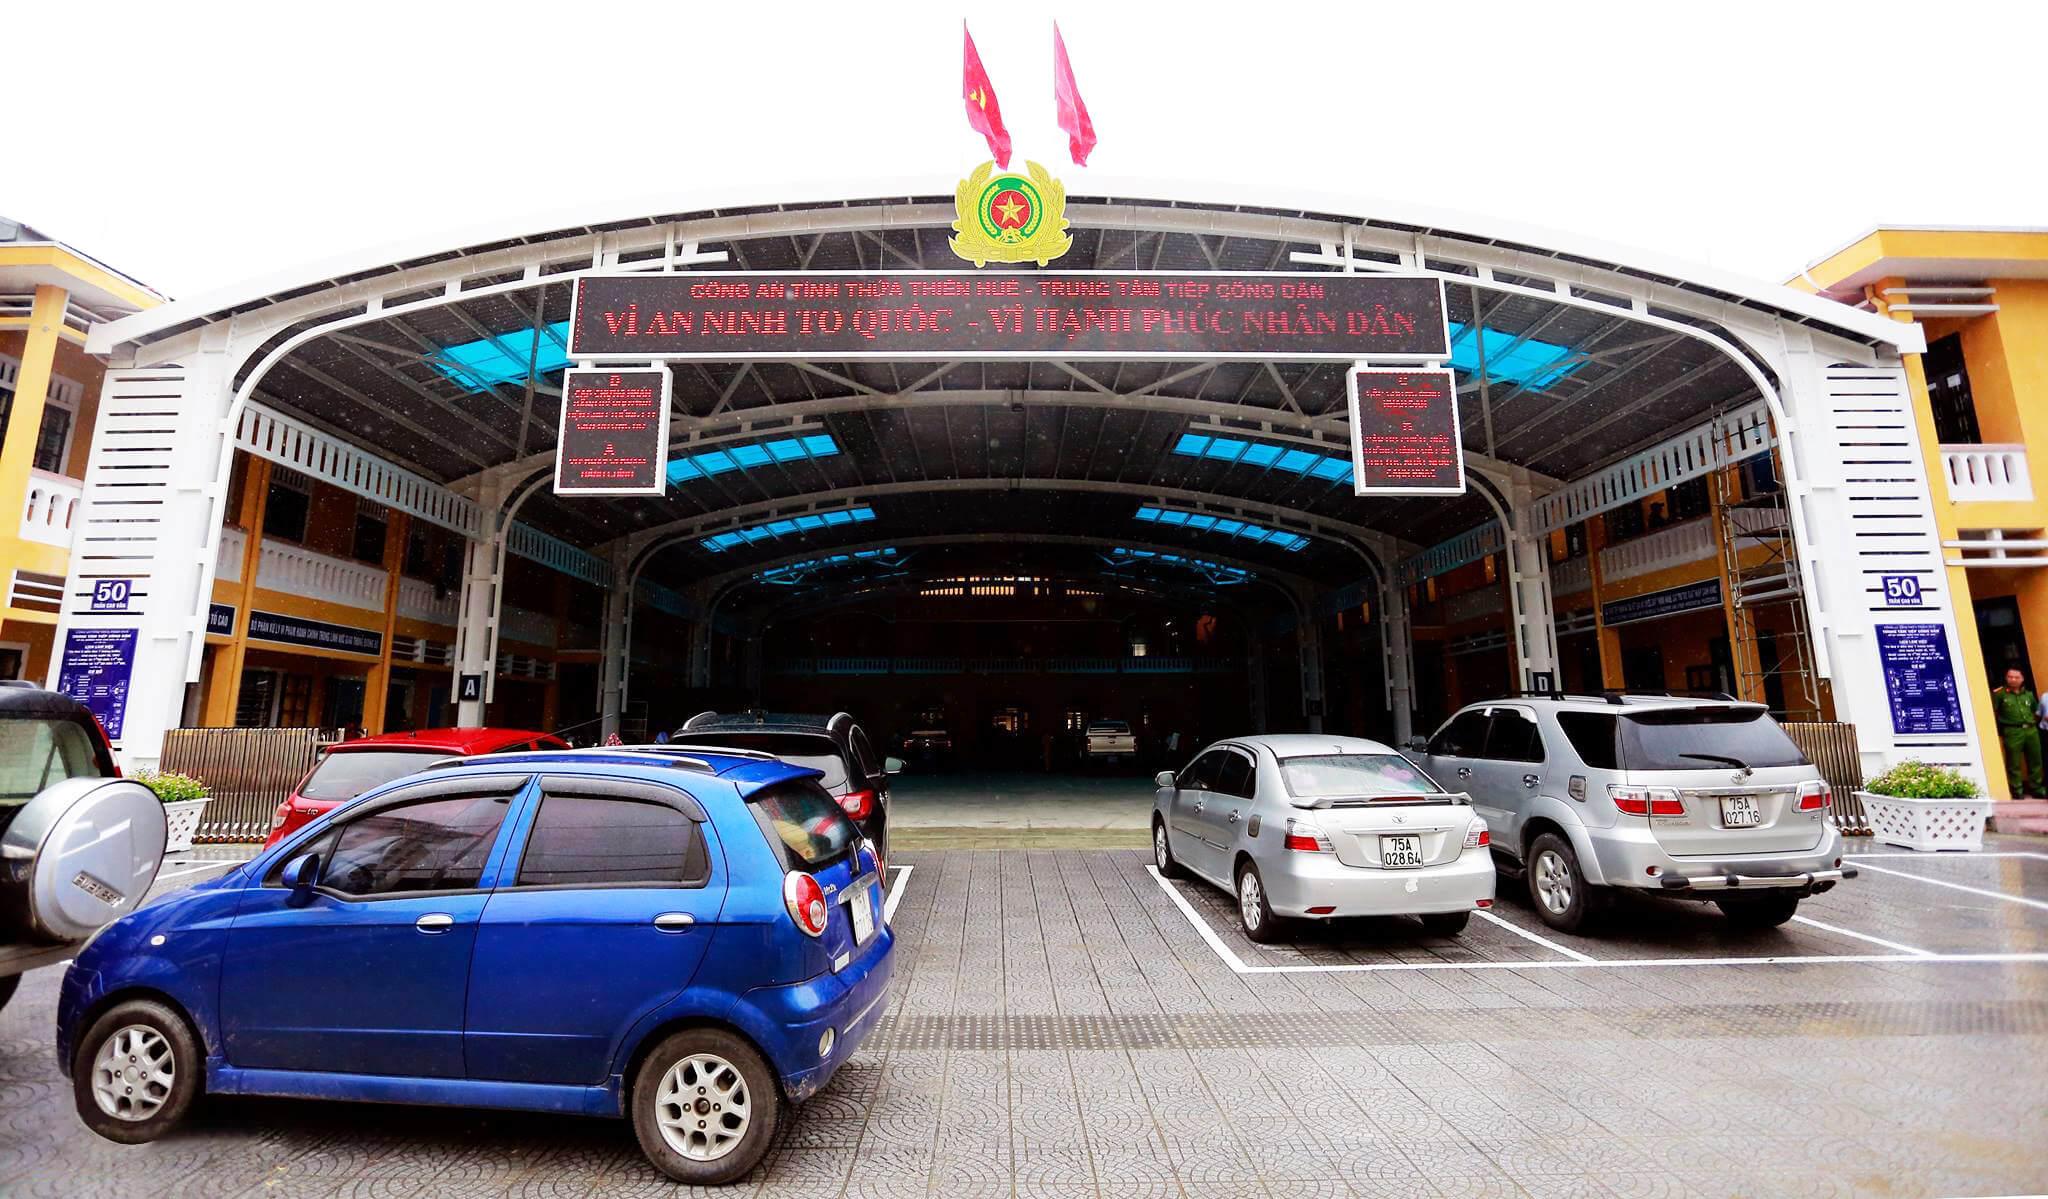 Hue Police Station Building